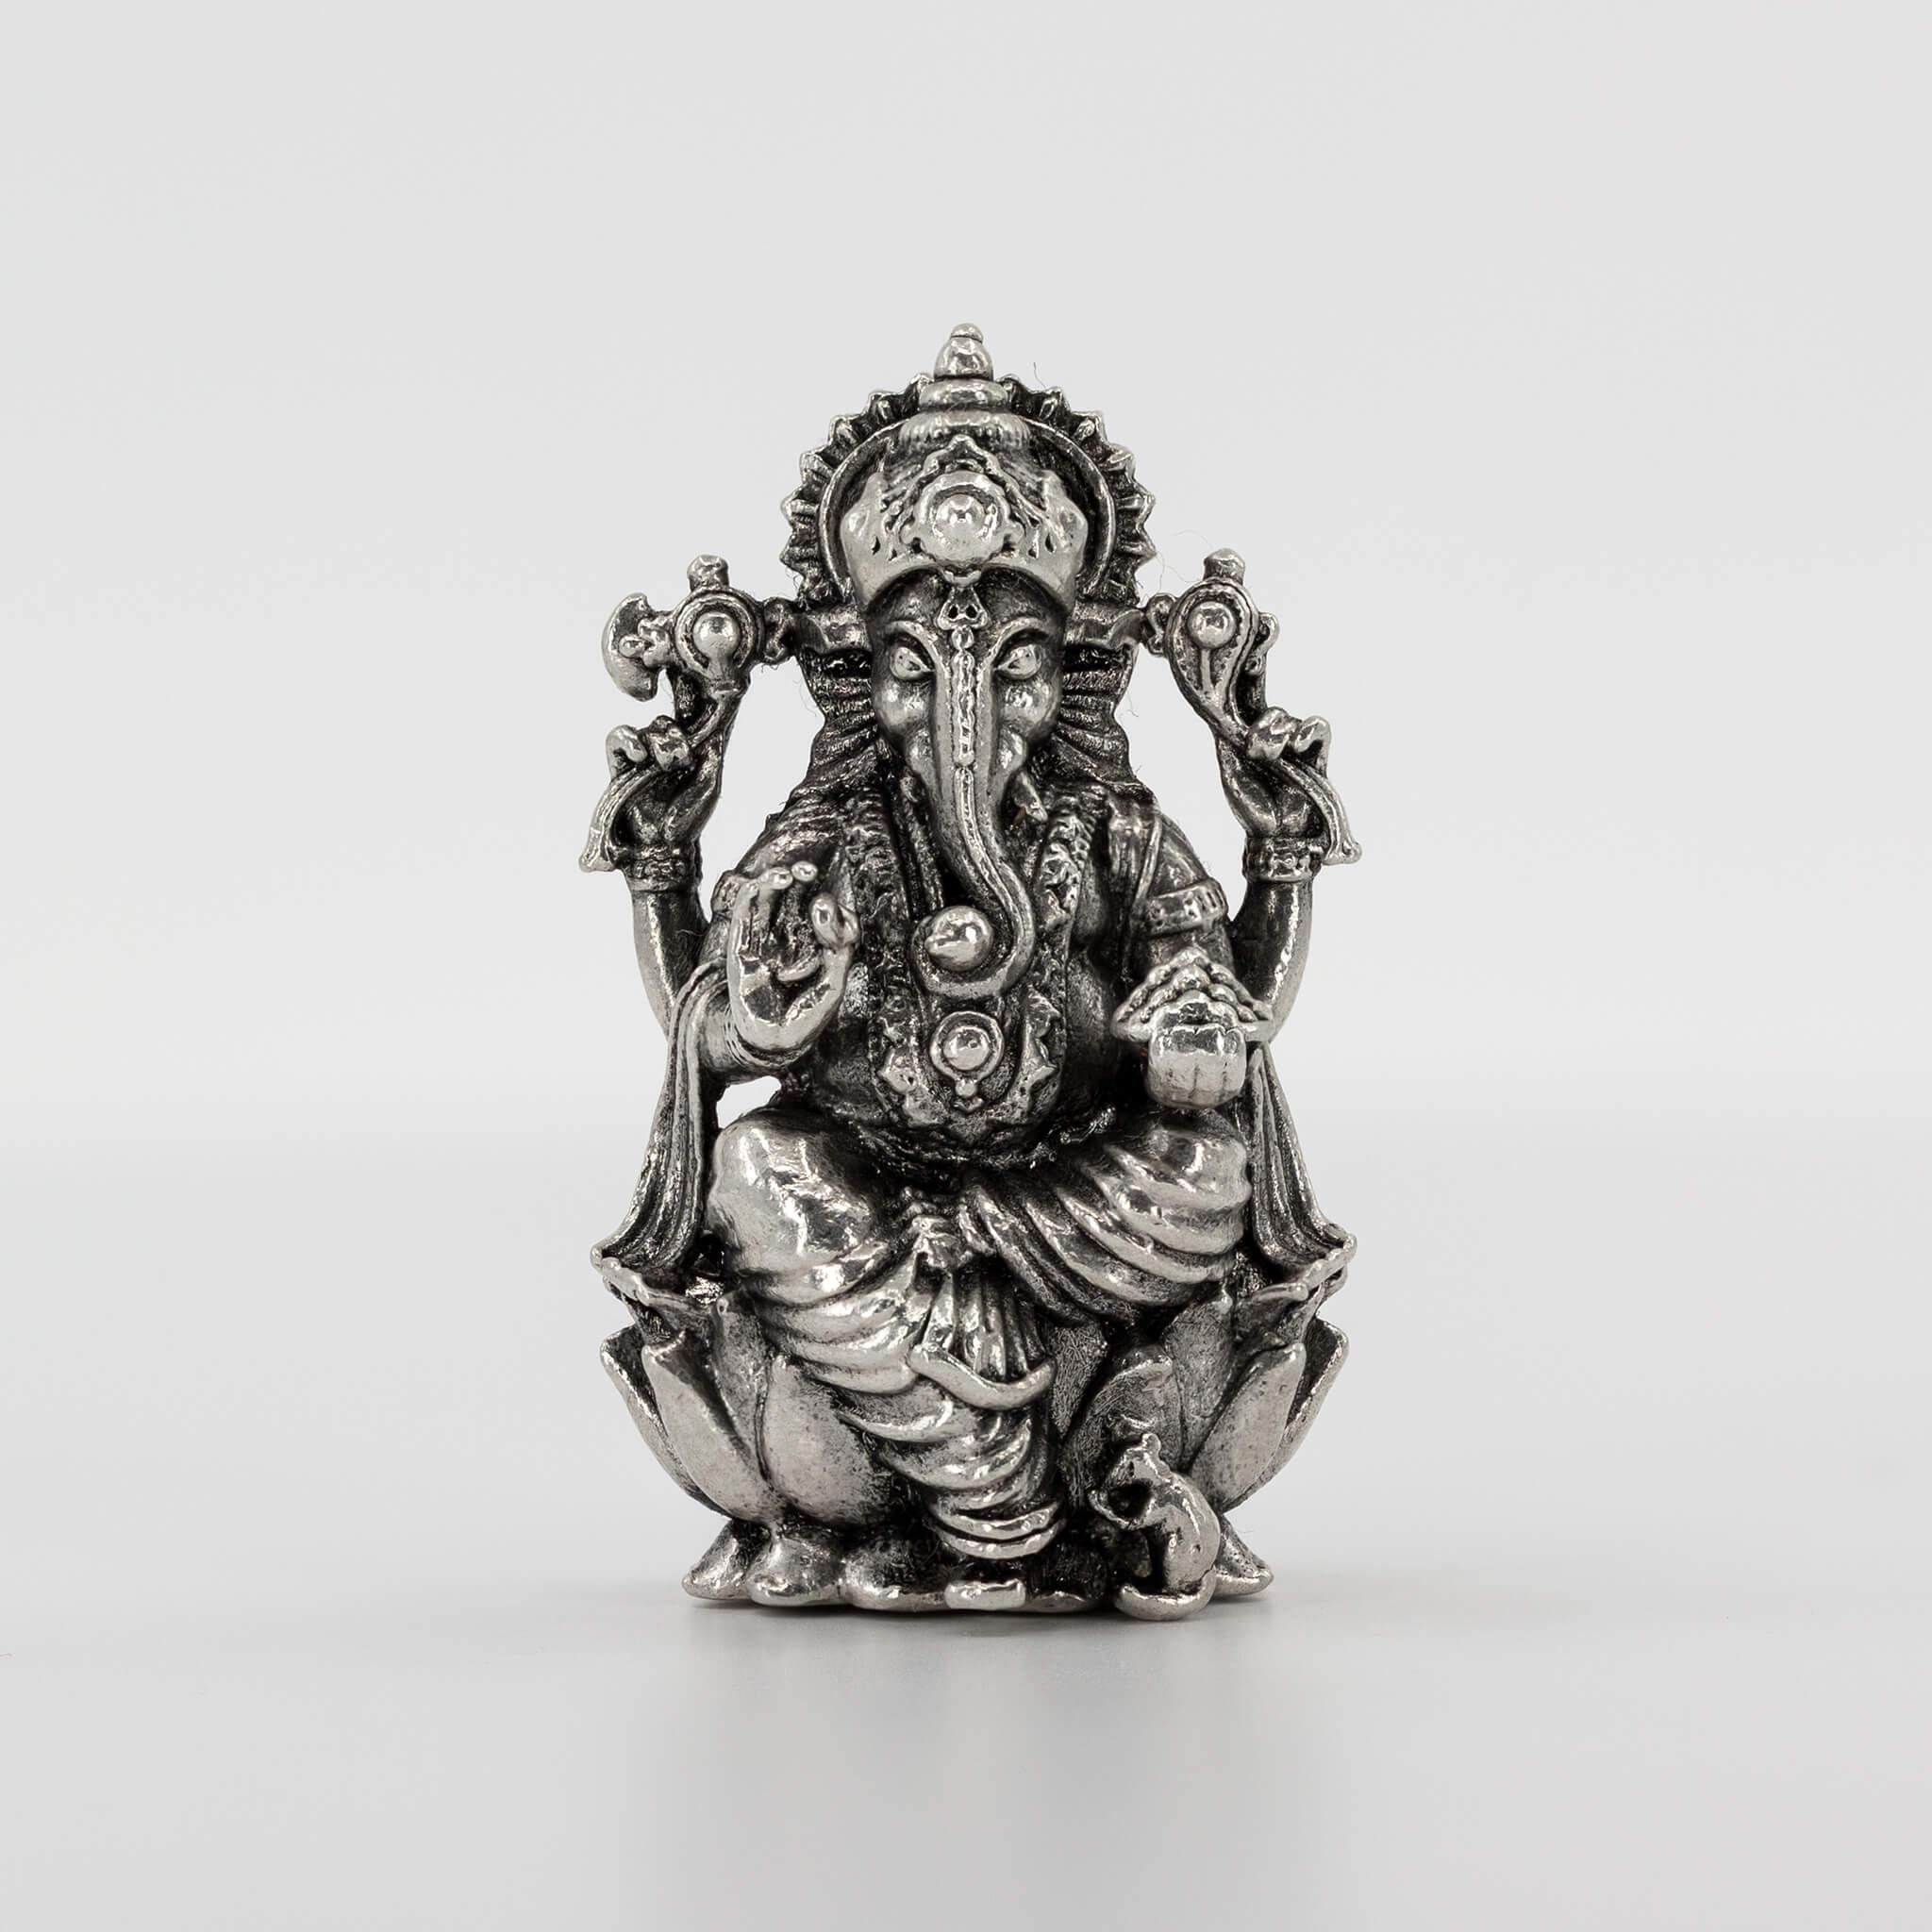 Statue - 3D - Oxidised - Ganesha